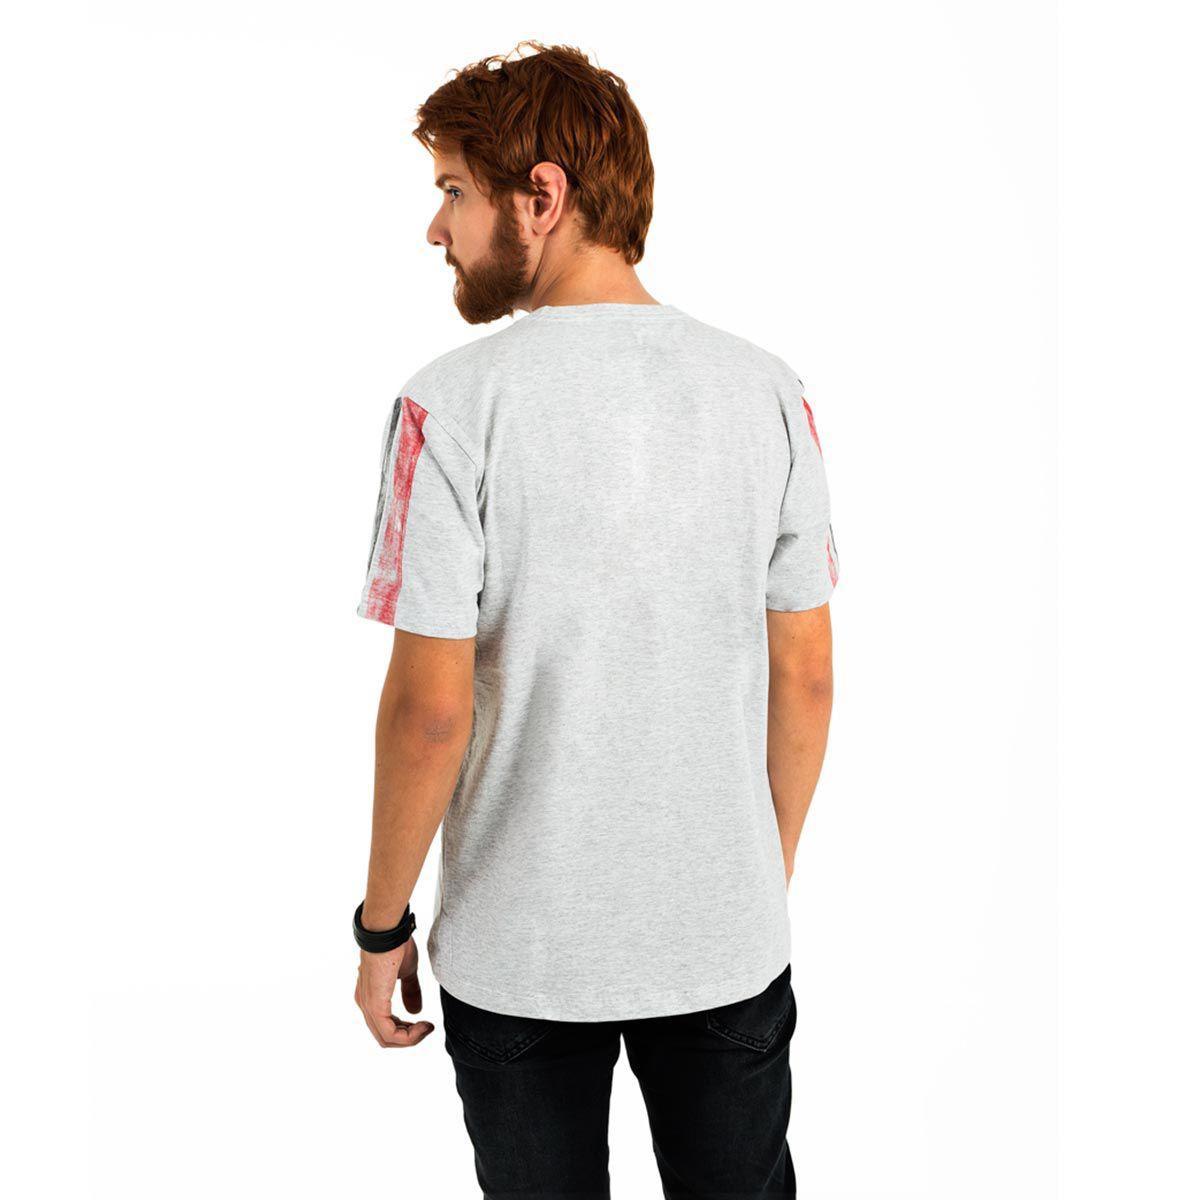 Camiseta AES 1975 Fashion